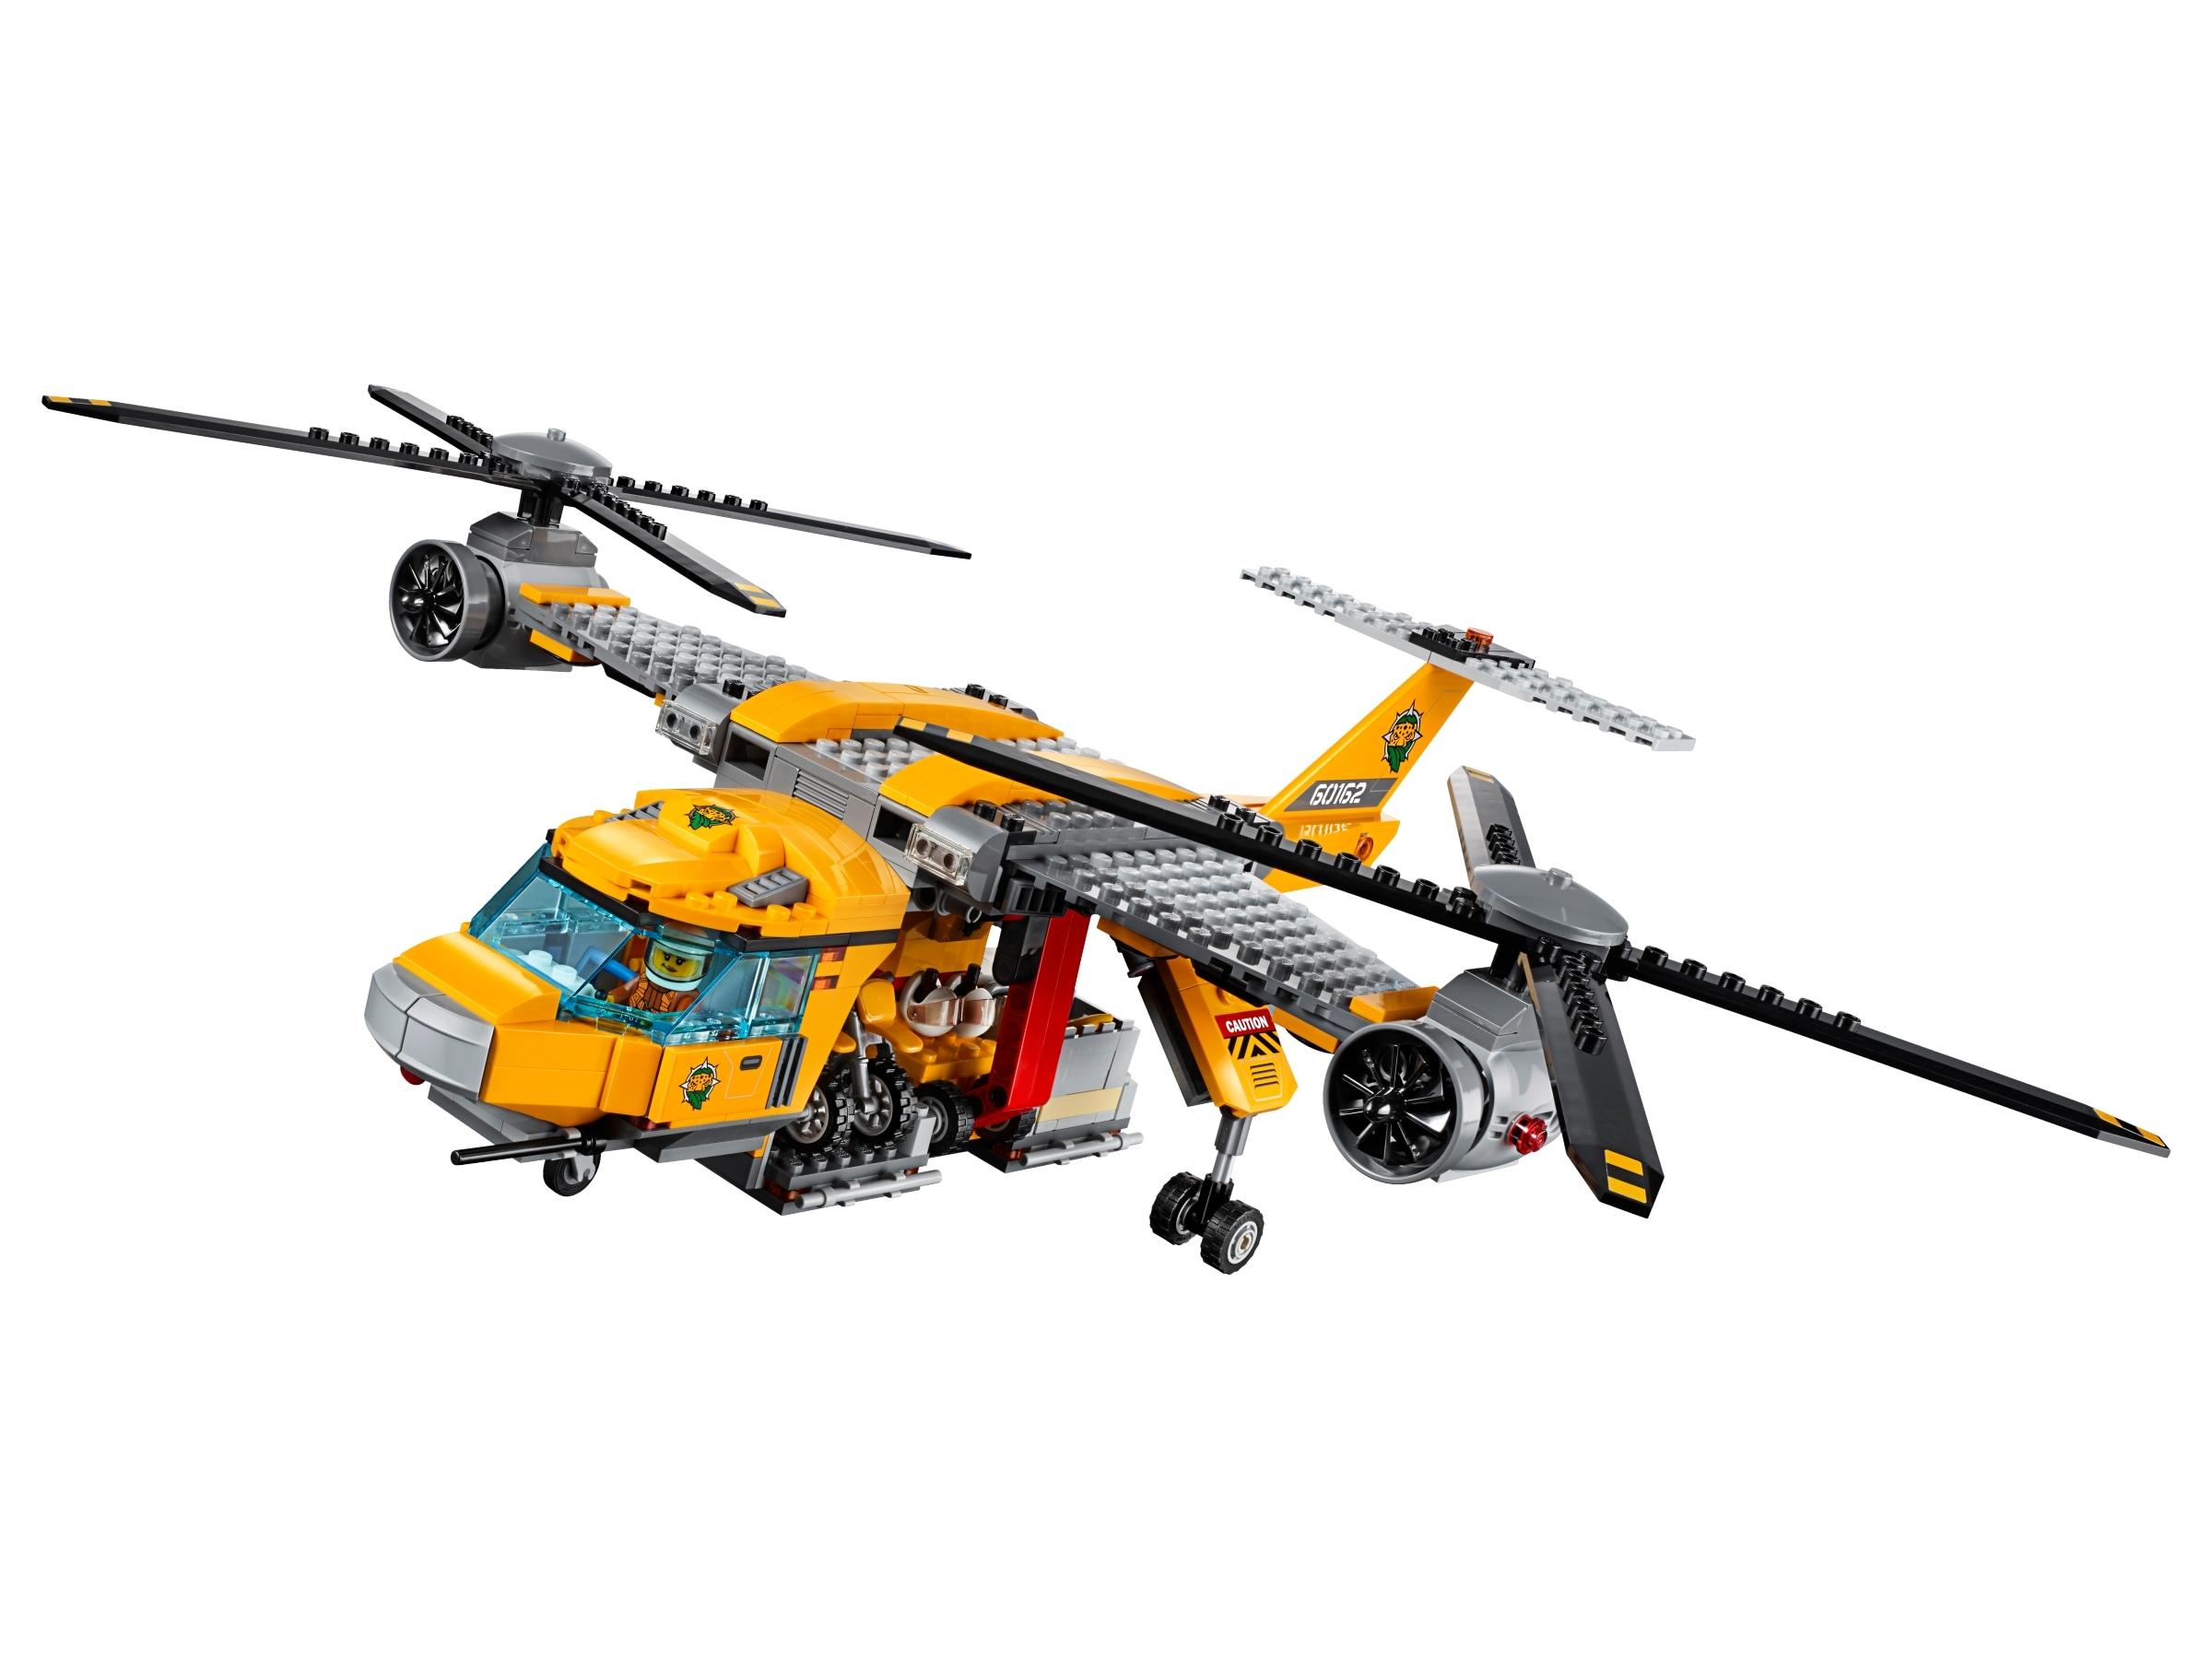 LEGO City 60162 Jungle Explorers Jungle Air Drop Helicopter 1250pcs LAST 3 LEFT!